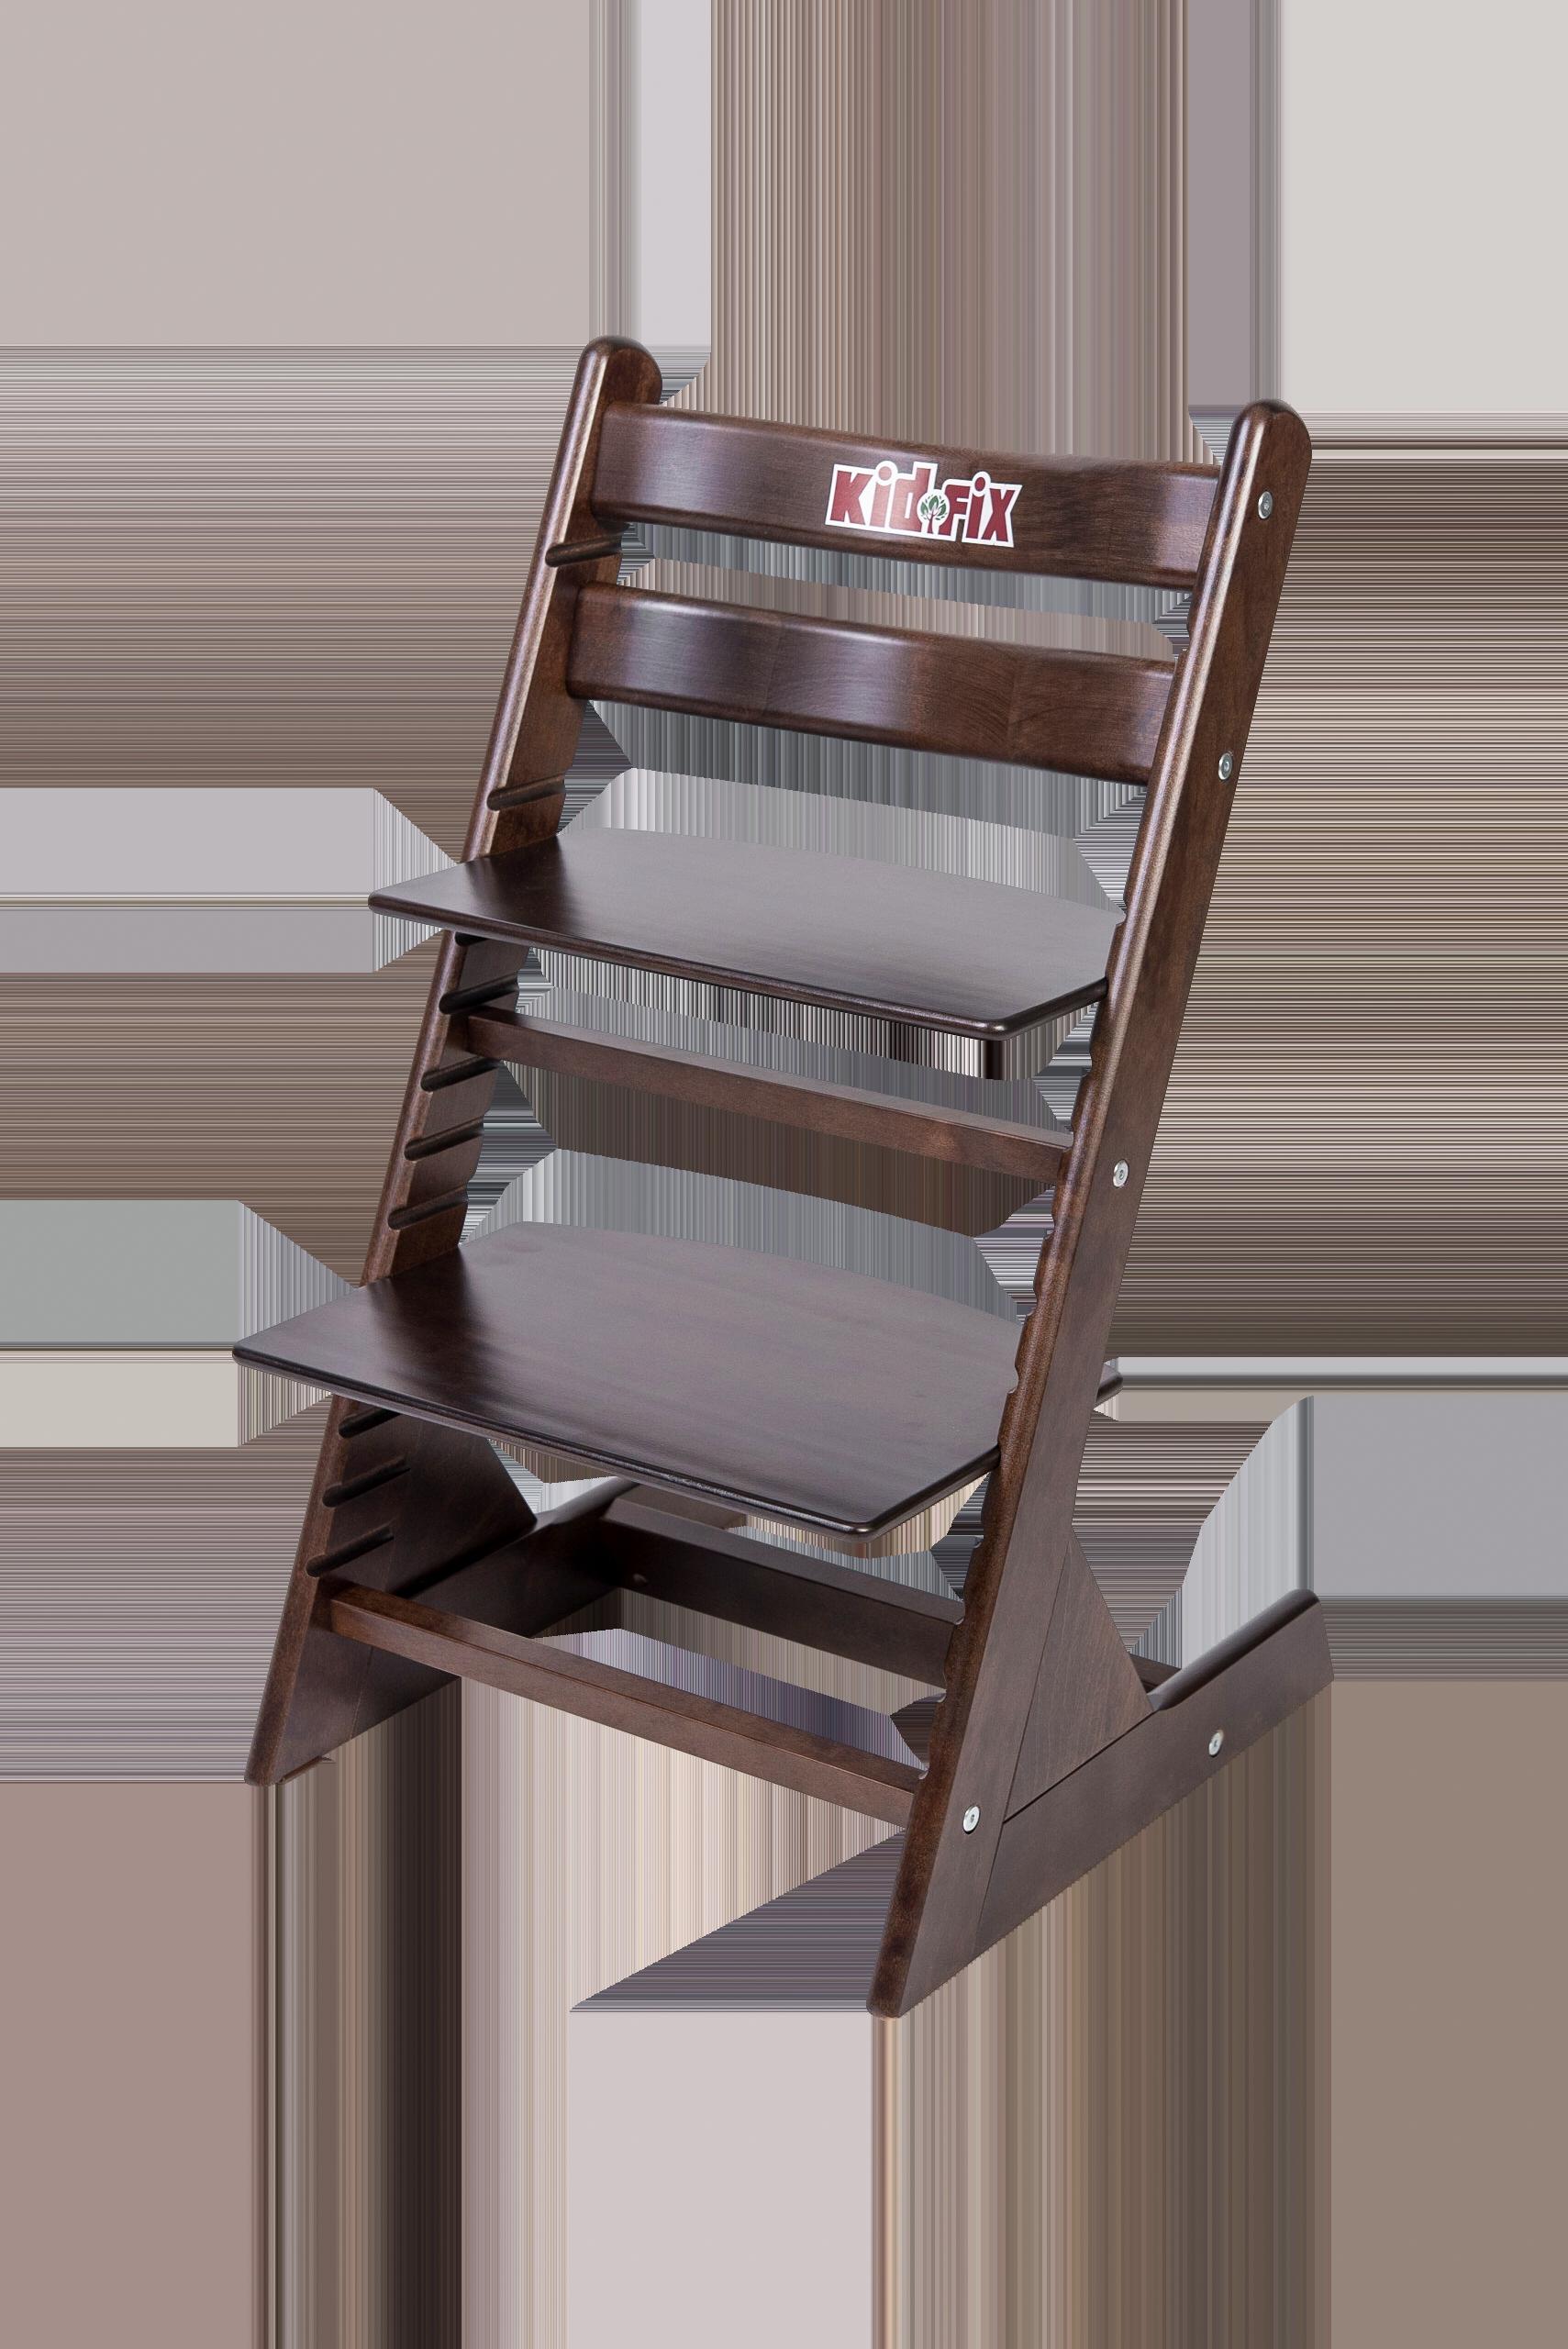 стульчик боровичи стул детский котенок Стульчик для кормления Kid-Fix Стул детский универсальный регулируемый, цвет Венге